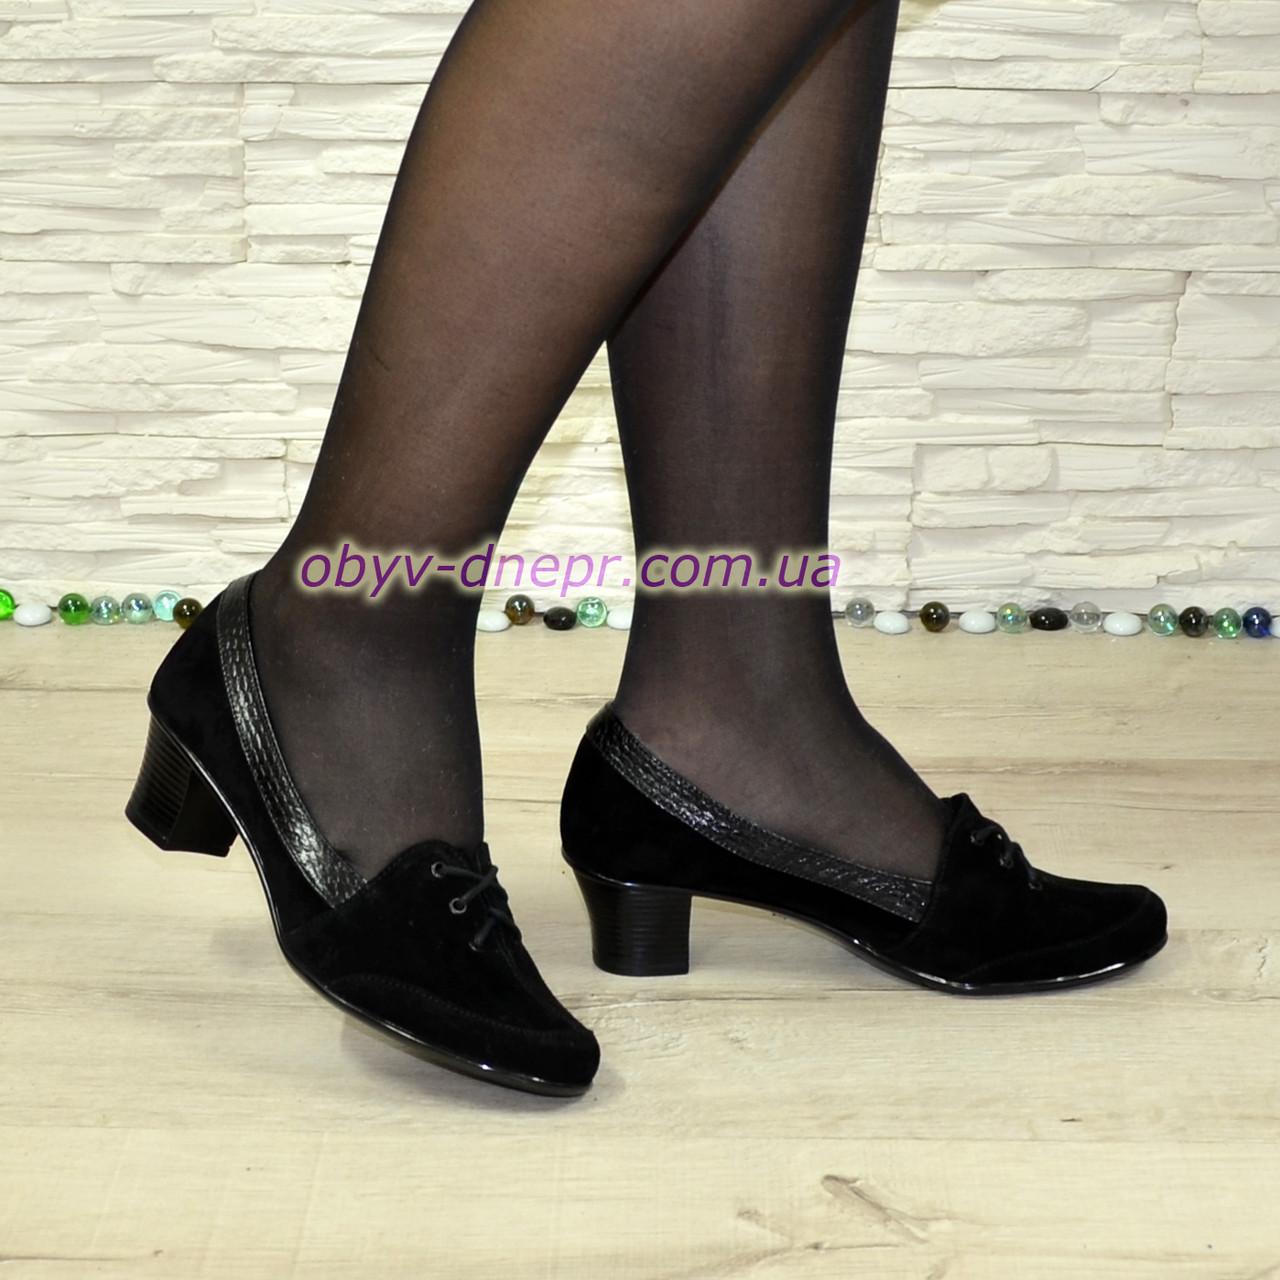 Жіночі замшеві туфлі на невисокому каблуці, декоровані шнурівкою